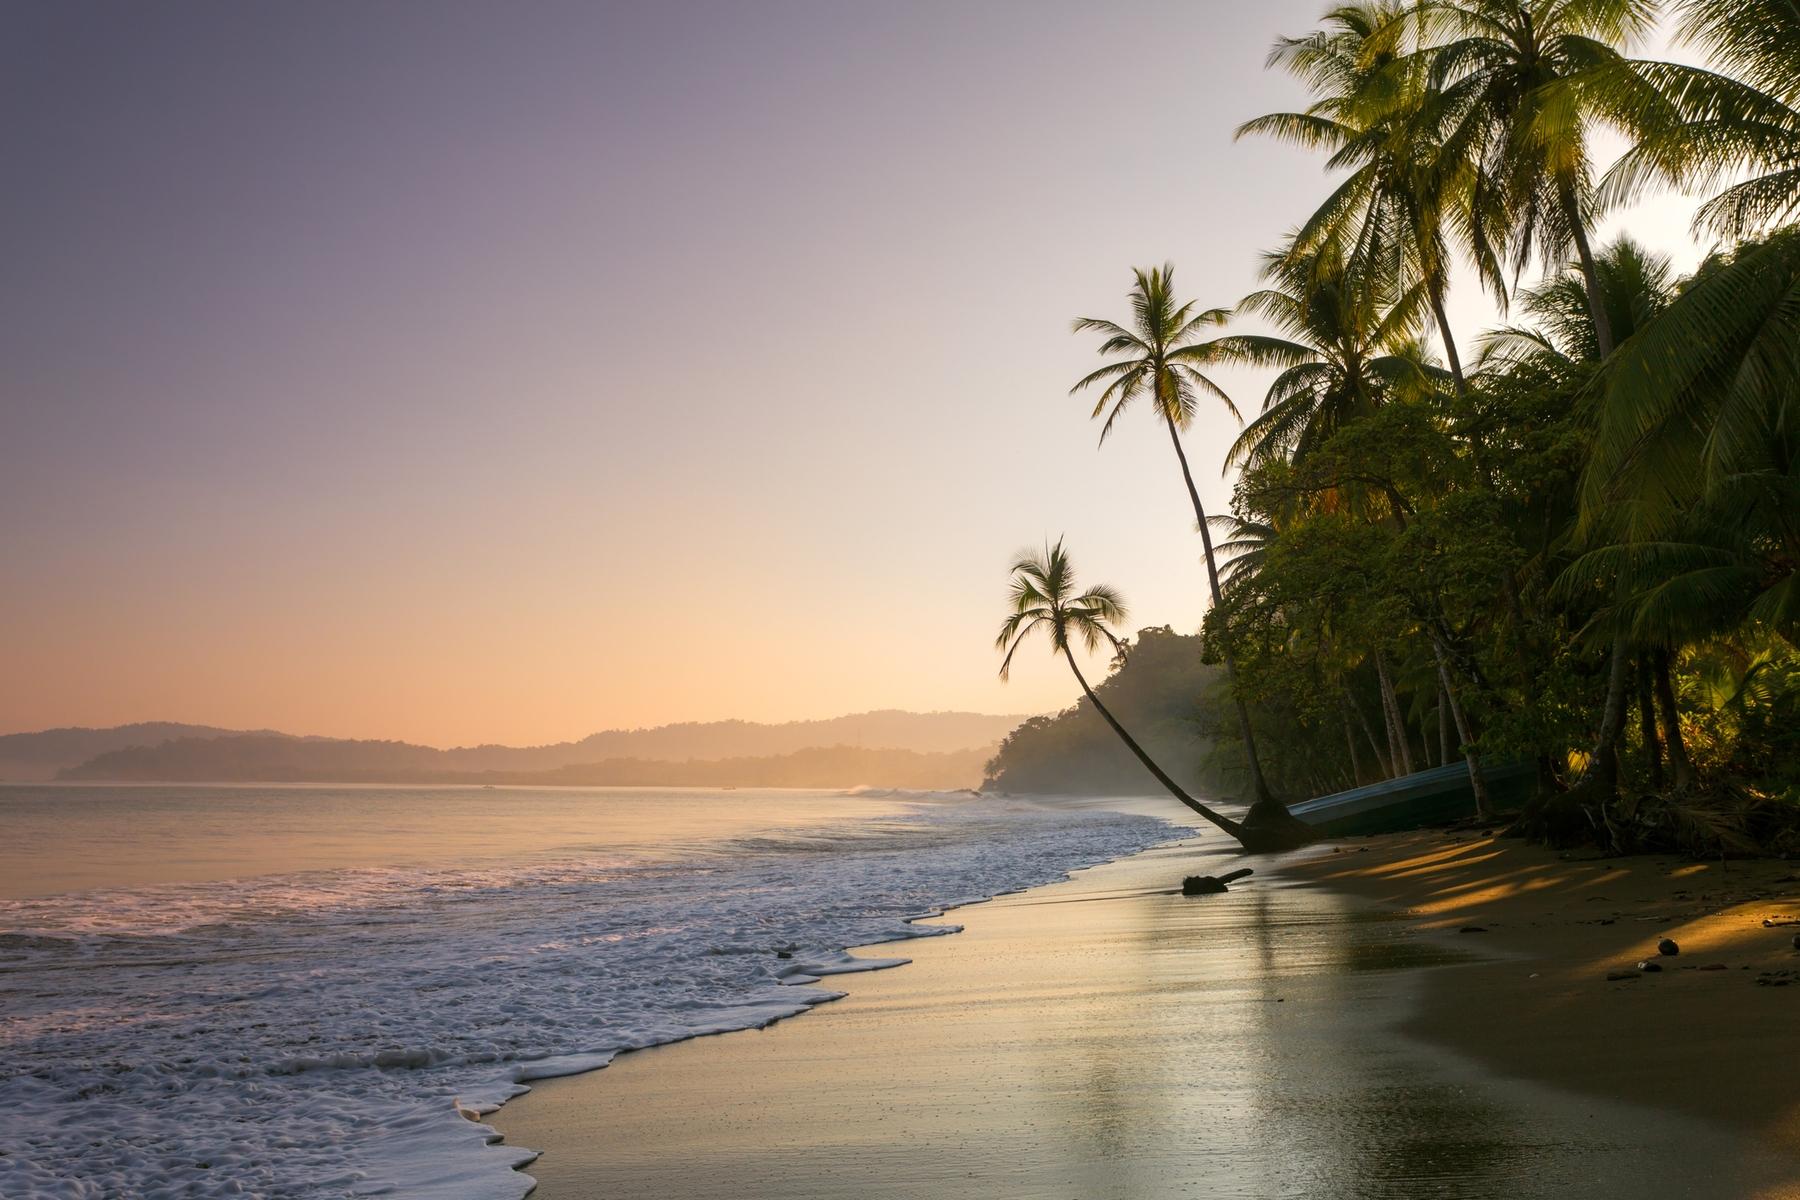 Теплый отпуск зимой: авиабилеты в Коста-Рику